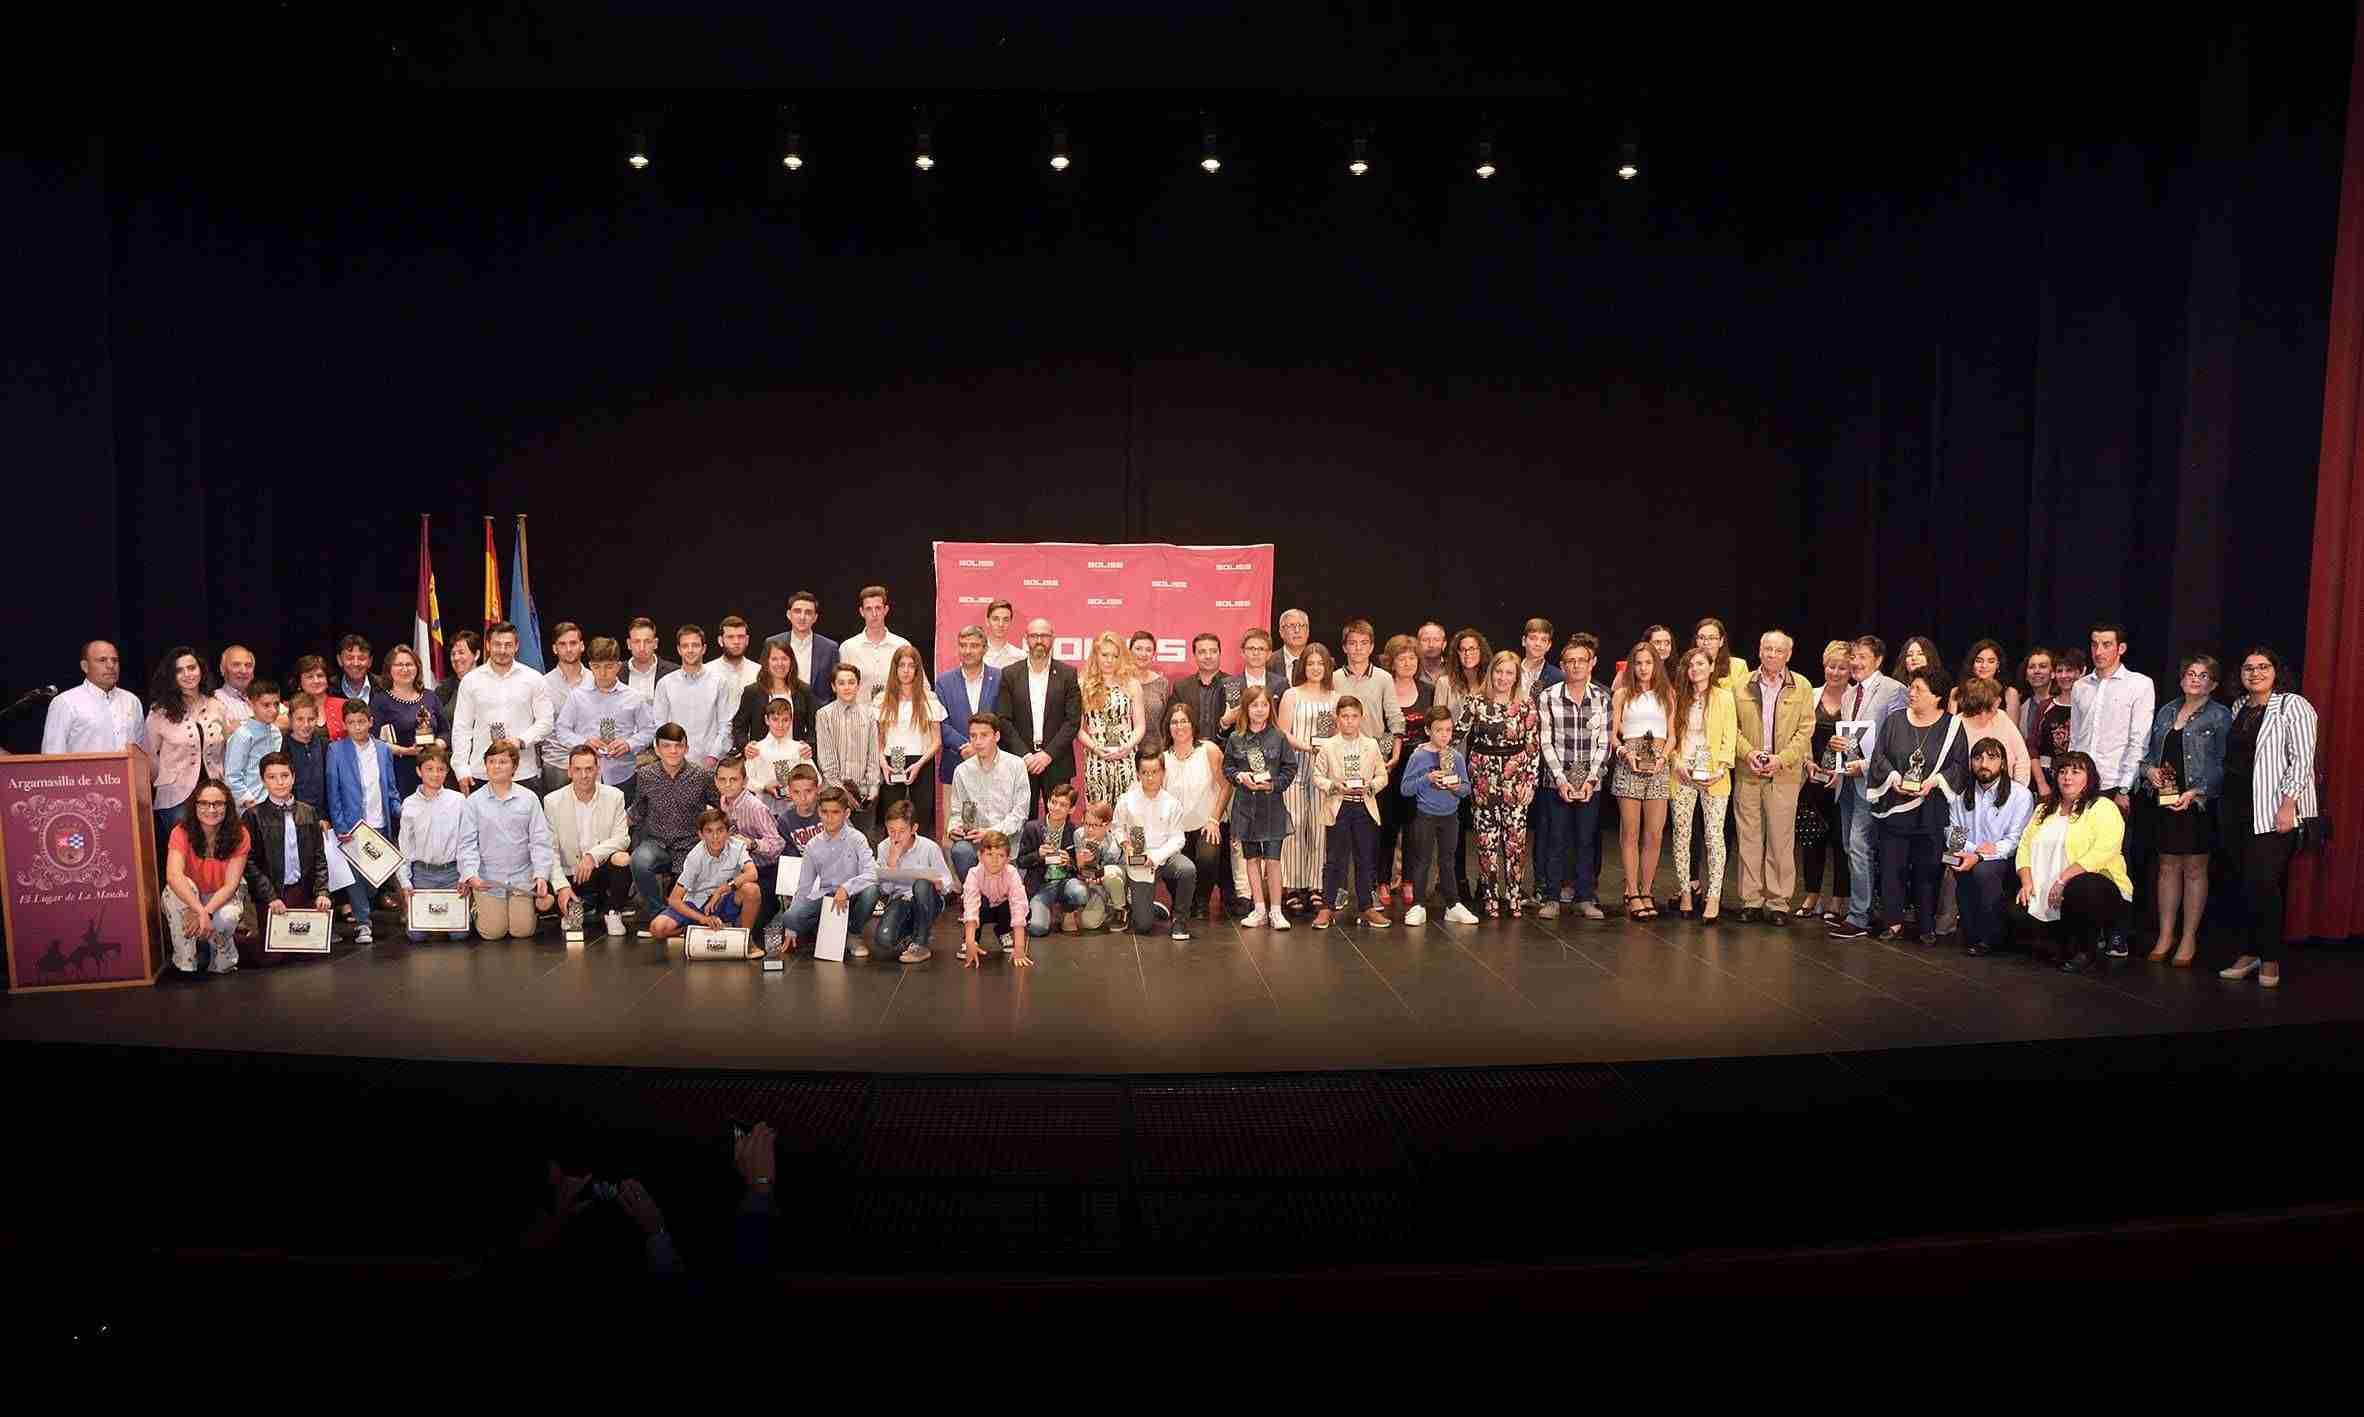 Argamasilla de Alba celebró su XII Gala del deporte reivindicando el deporte femenino 3